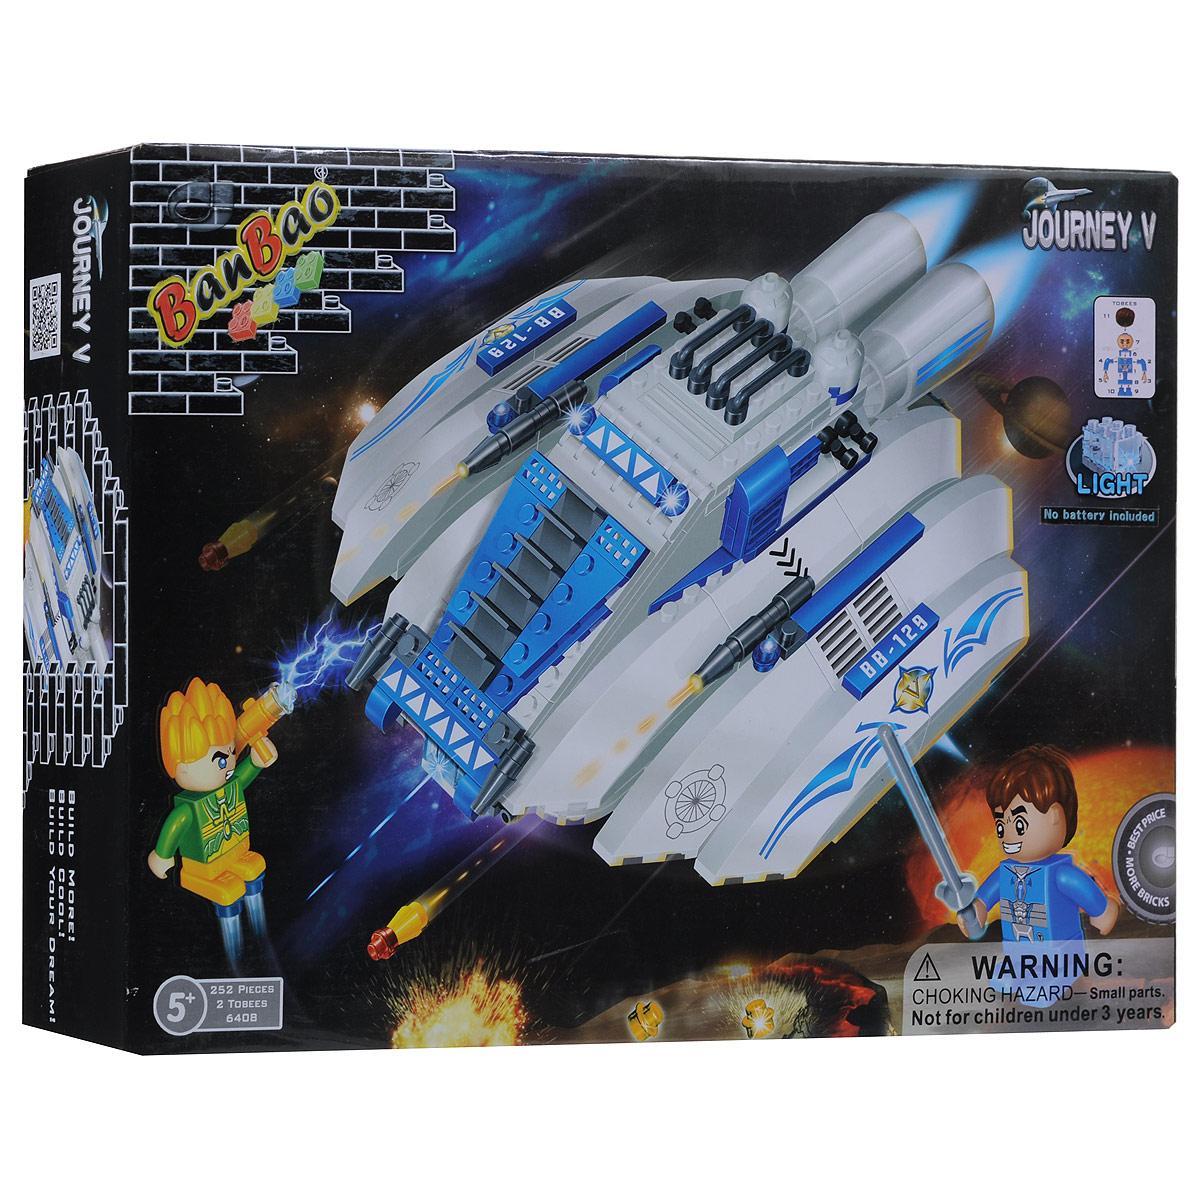 BanBao Конструктор Космический летательный аппарат 64086408Конструктор BanBao Космический летательный аппарат привлечет внимание вашего ребенка. Он содержит пластиковые элементы, из которых ребенок без труда сможет собрать космический летательный аппарат. Также в наборе 2 фигурки и схематичная инструкция по сборке. В аппарат можно поместить одну из фигурок. Также летательный аппарат оснащен светящимся при включении элементом. Ребенок сможет часами играть с этим конструктором, придумывая разные истории и комбинируя детали. Игры с конструкторами помогут ребенку развить воображение, внимательность, пространственное мышление и творческие способности. Необходимо докупить 2 батарейки напряжением 1,5V типа LR41 (не входят в комплект).